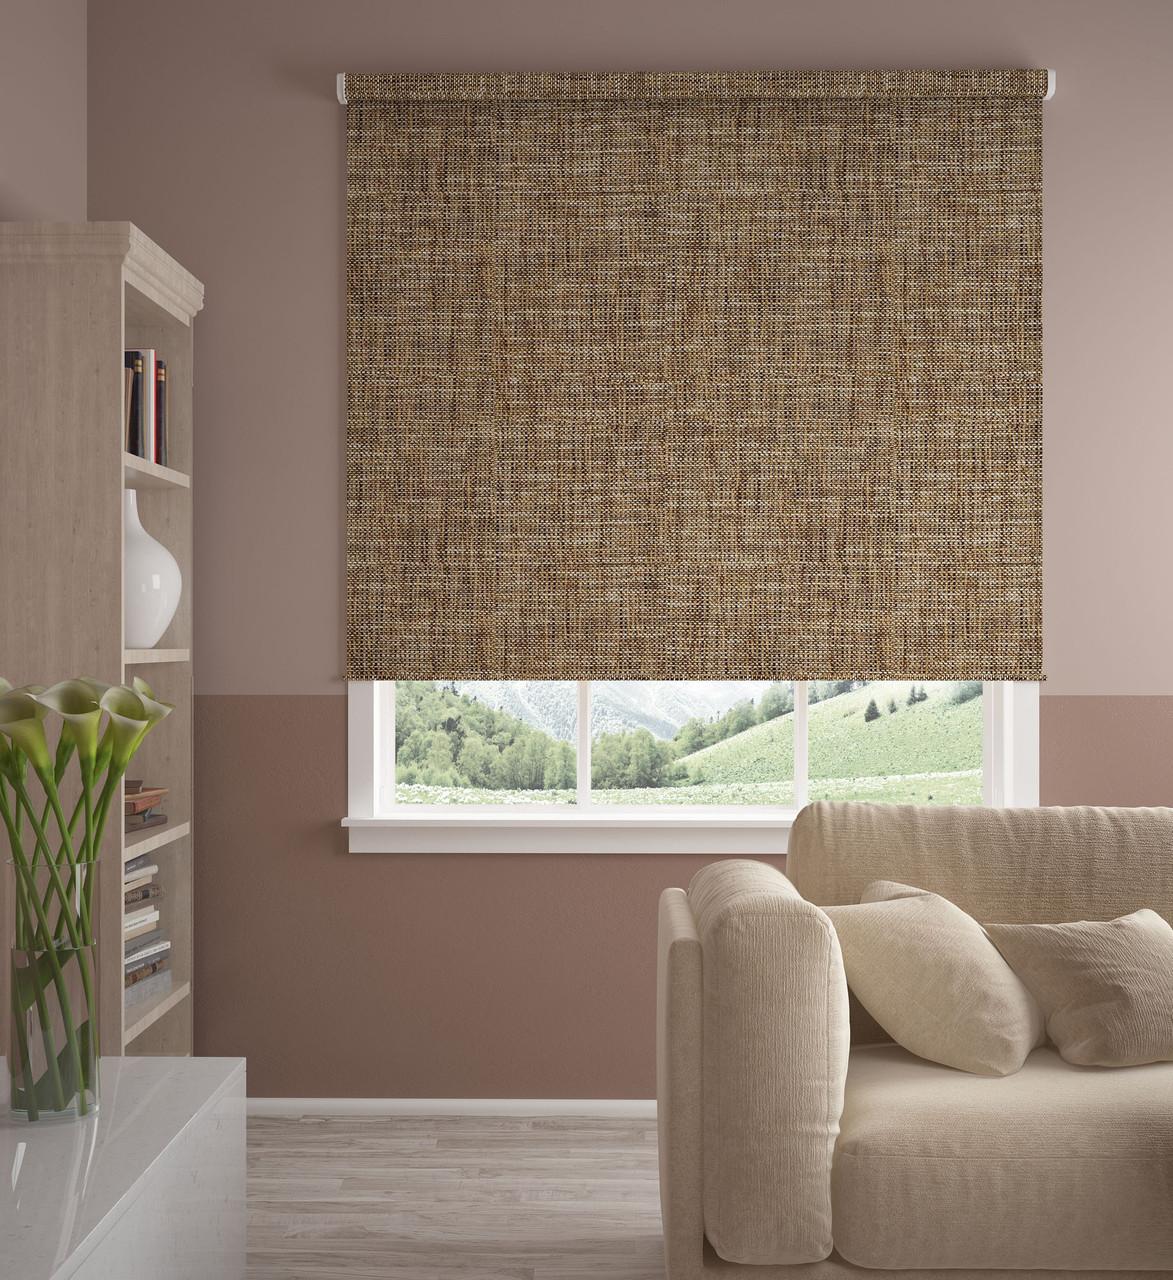 Римские шторы: фото, виды, дизайн, ткани, цвет, варианты крепления, комбинирование, декор